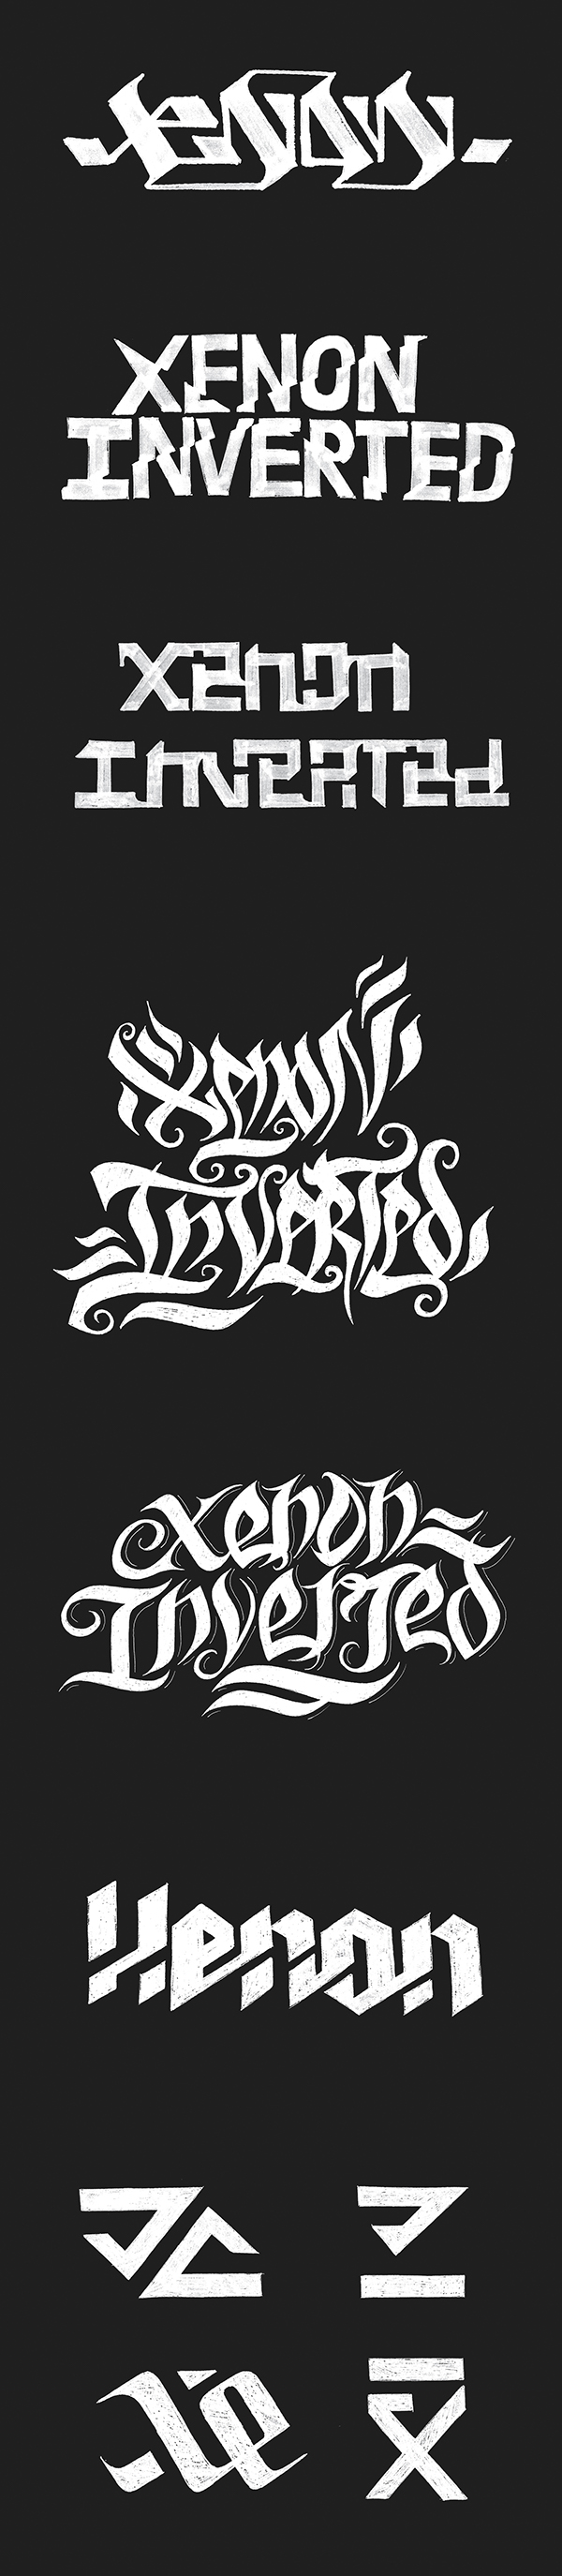 logo,vector,Icon,identity,xenon,inverted,graphic,design